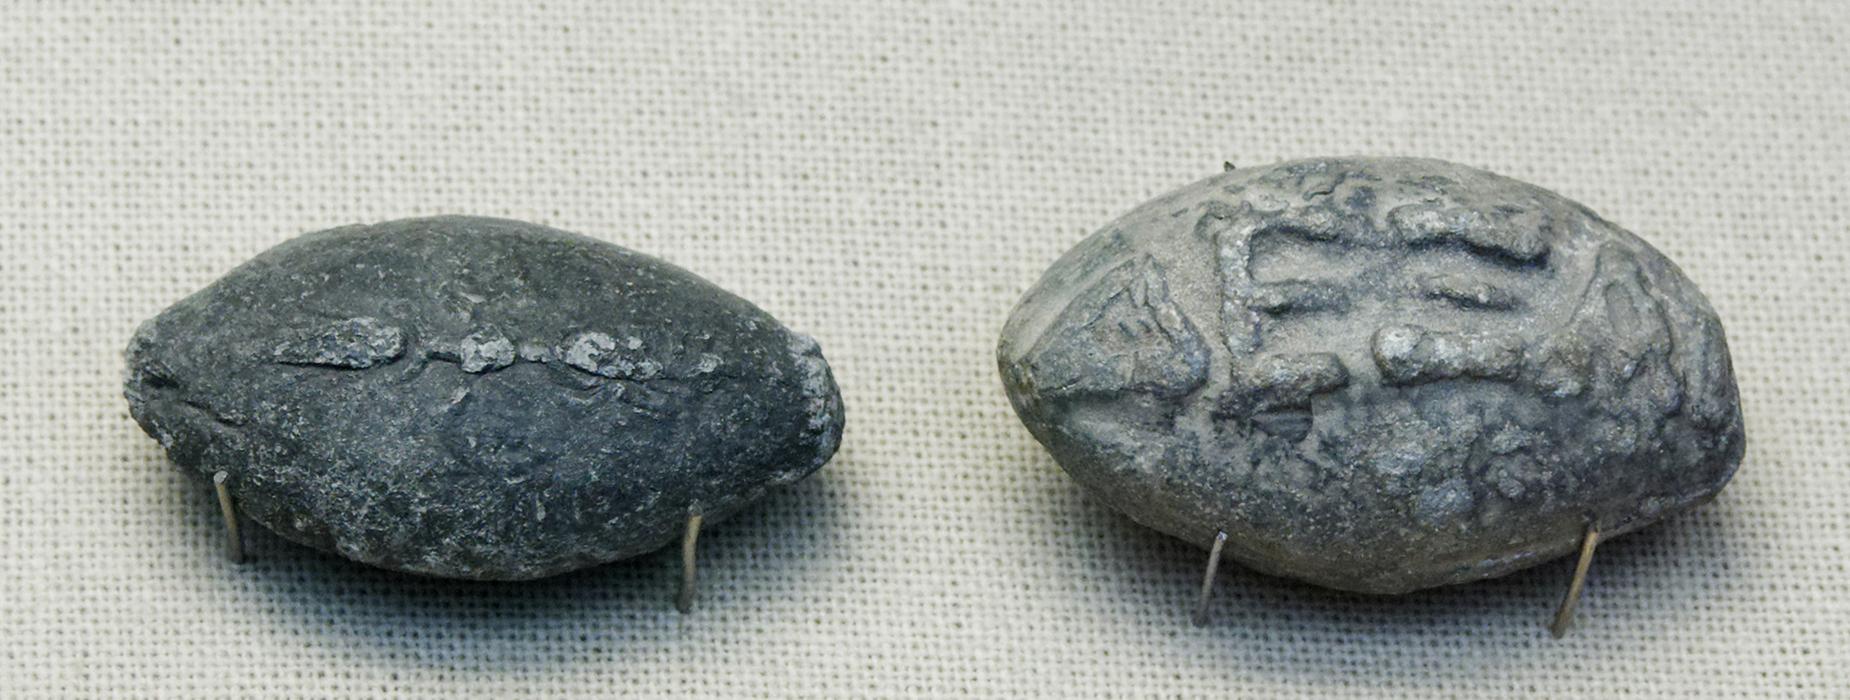 Římské střely do praků z kamene zdobené nápisy